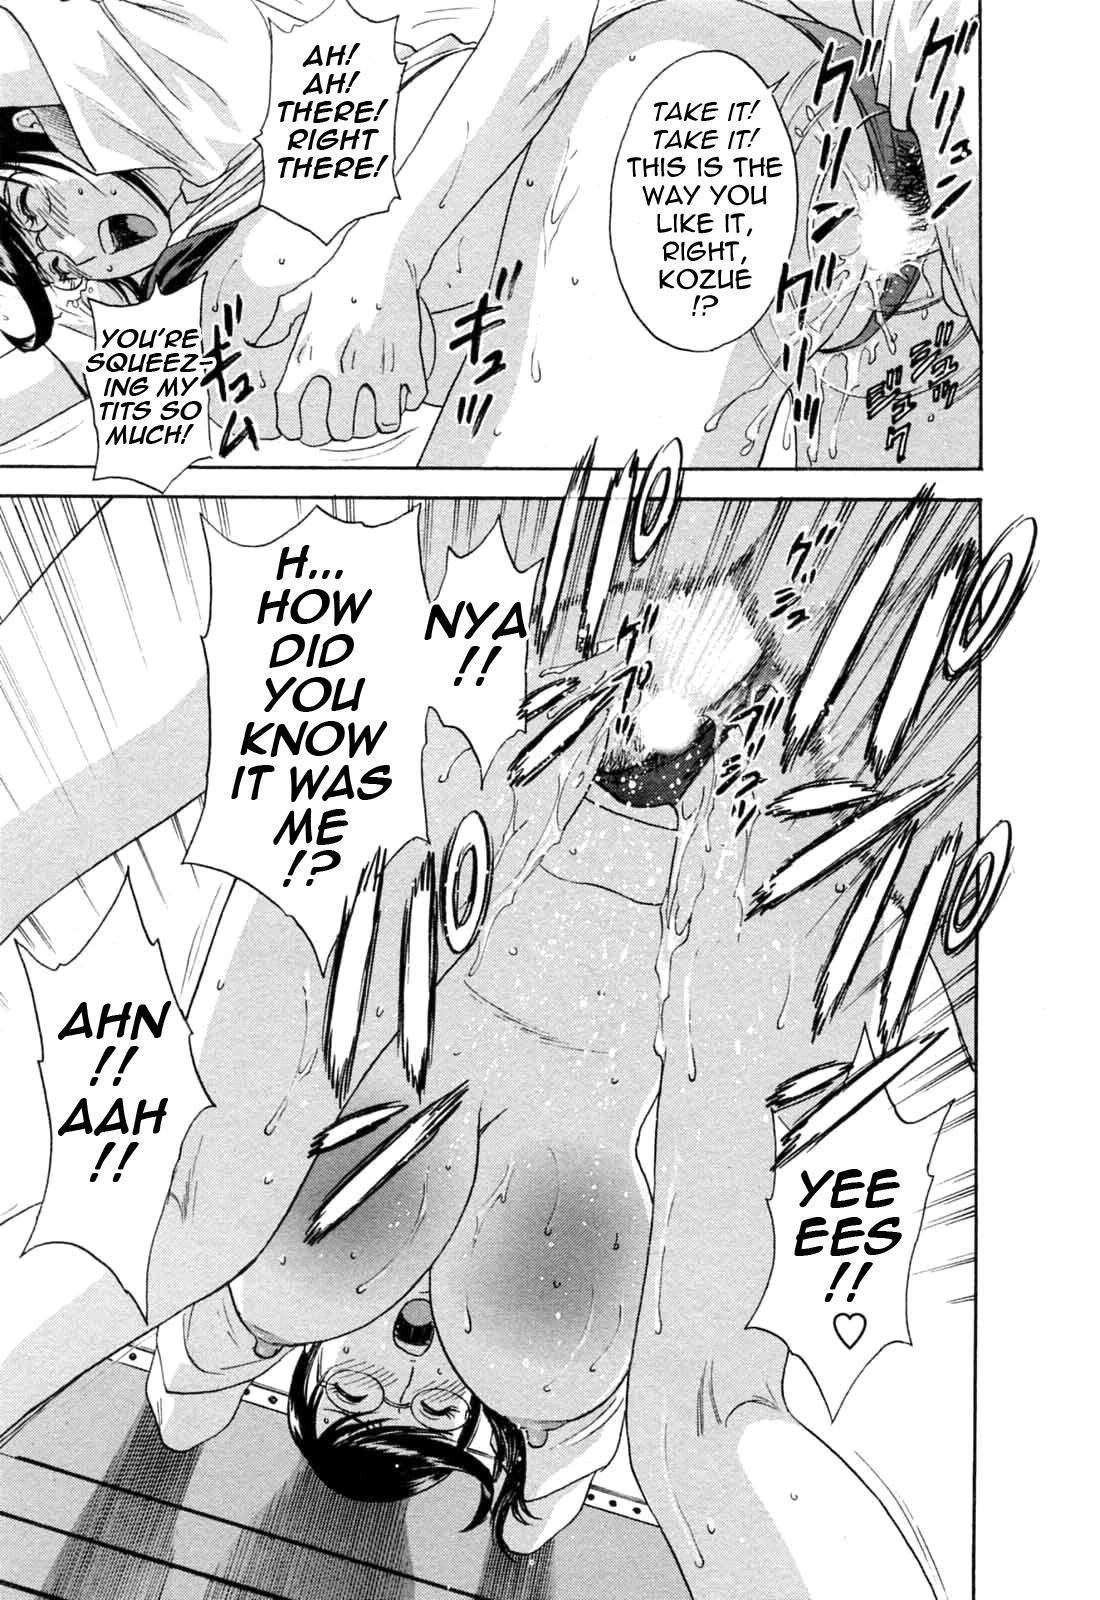 [Hidemaru] Mo-Retsu! Boin Sensei (Boing Boing Teacher) Vol.5 [English] [4dawgz] [Tadanohito] 165